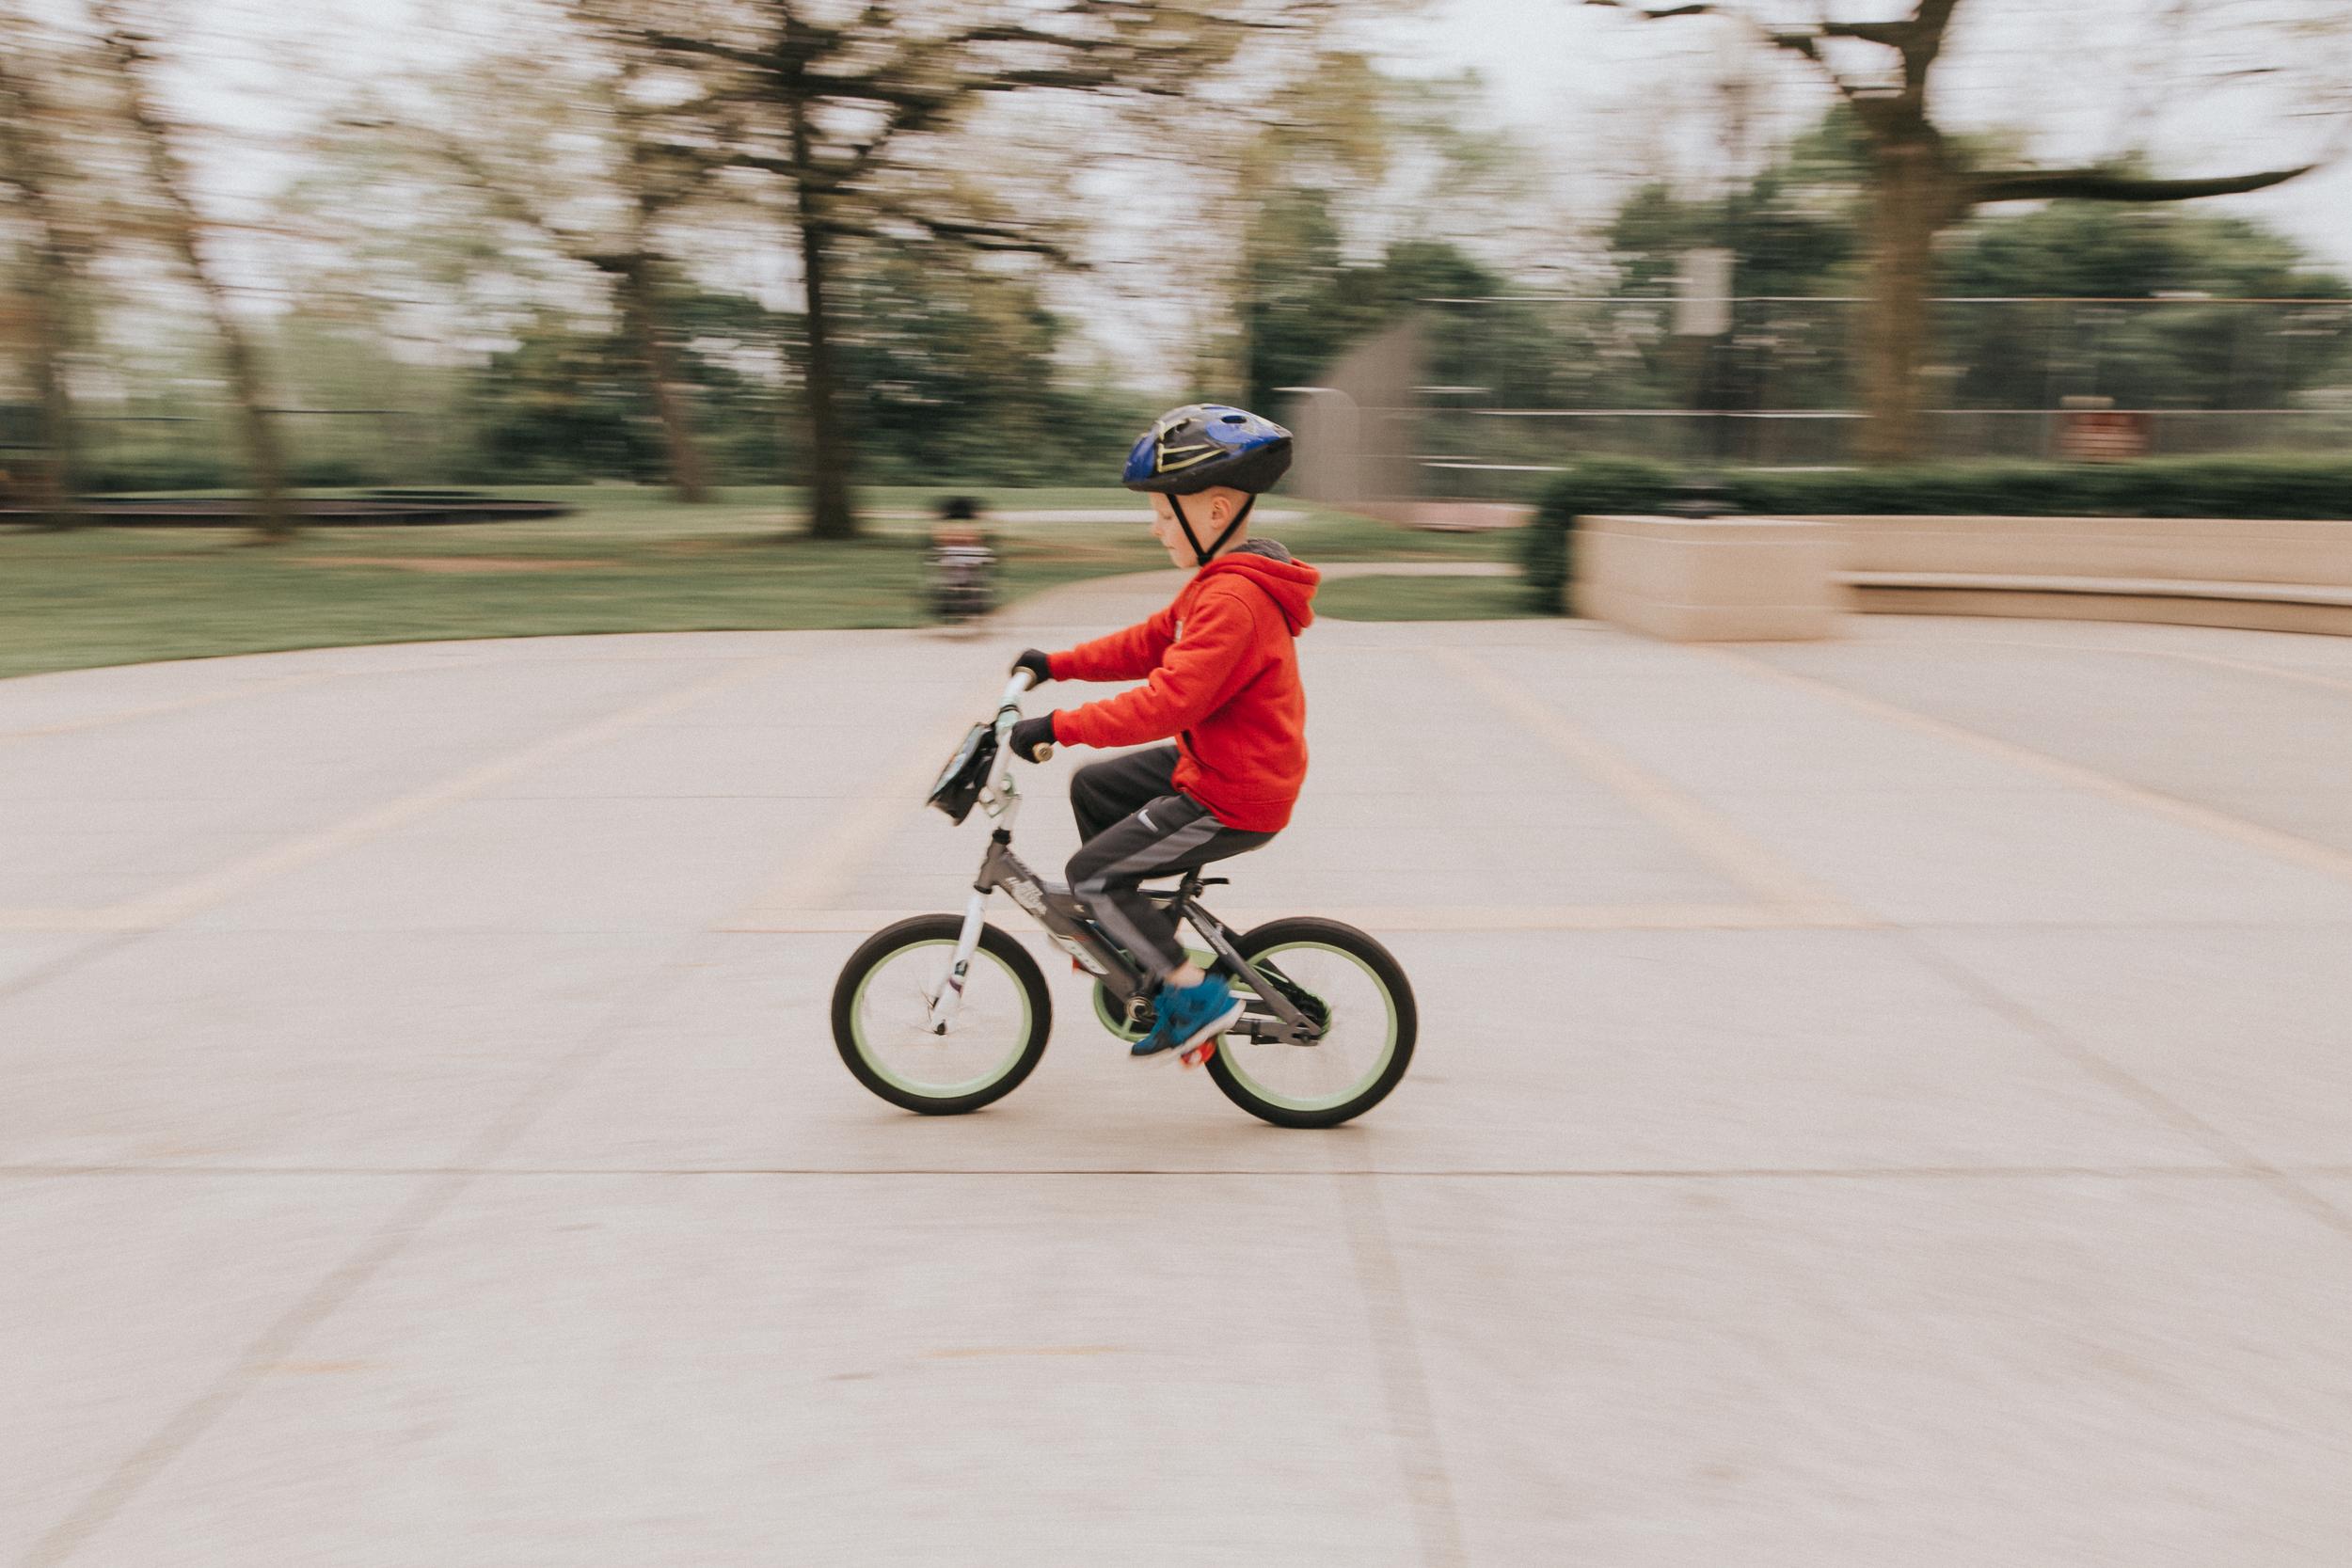 panning bike shot inspiration